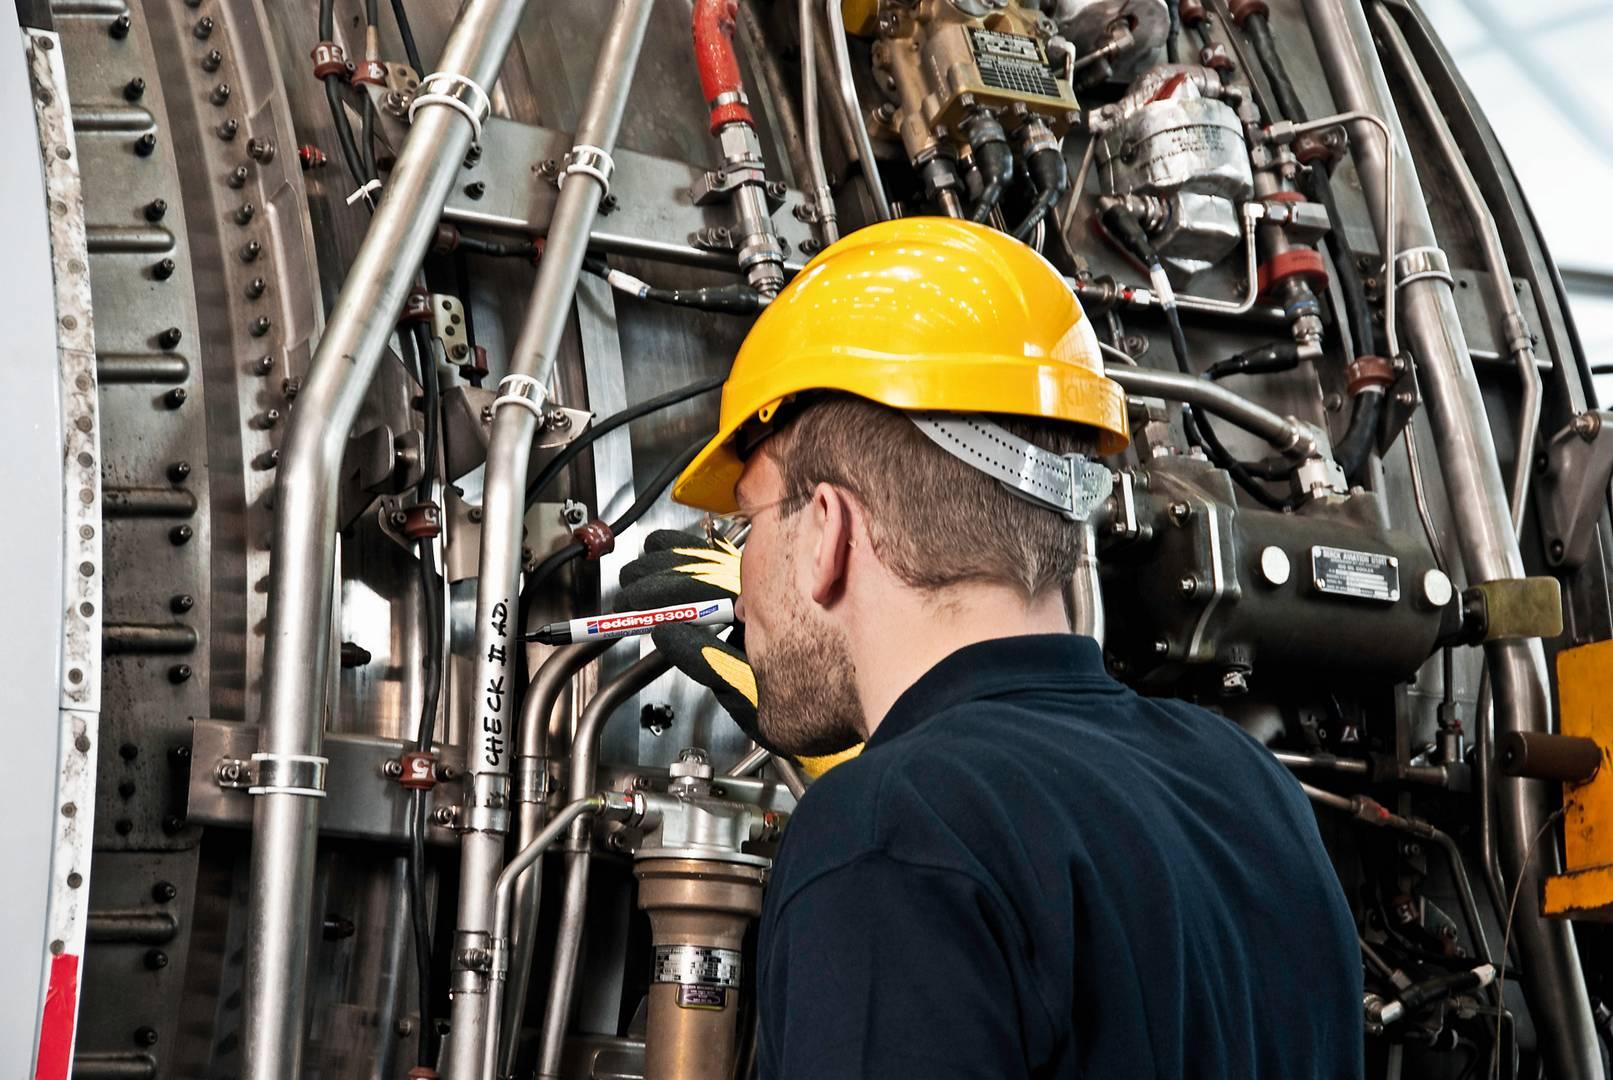 edding 8300 průmyslový permanentní popisovač, kulatý hrot 1.5-3 mm